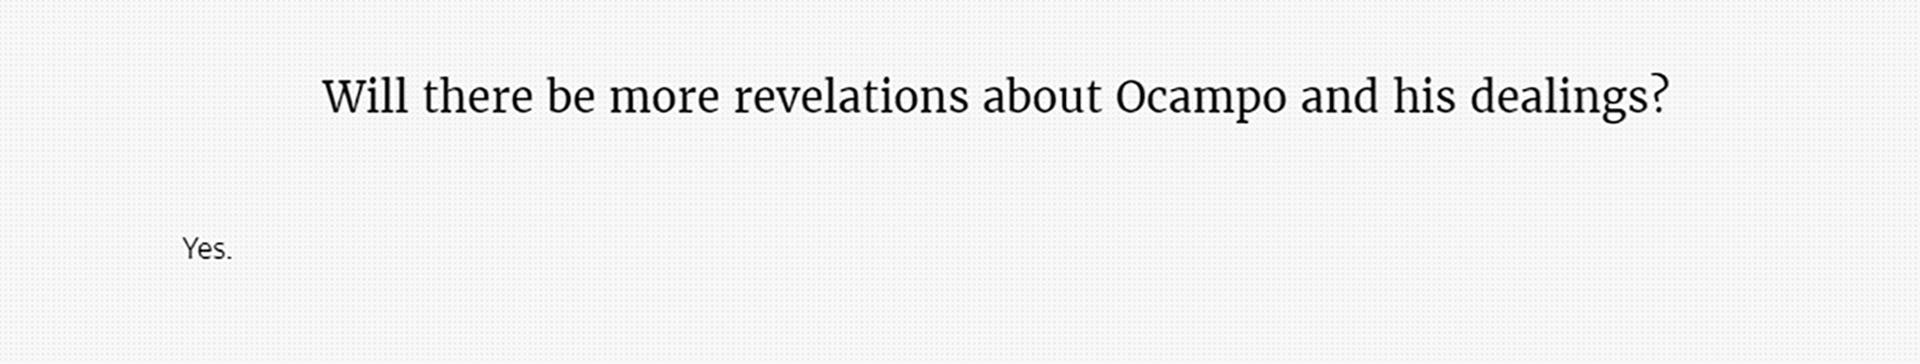 """""""-¿Habrá más revelaciones sobre Moreno Ocampo y sus negocios? -Sí"""", se pregunta el diario The Black Sea, uno de los miembros de la red que realizó la investigación"""